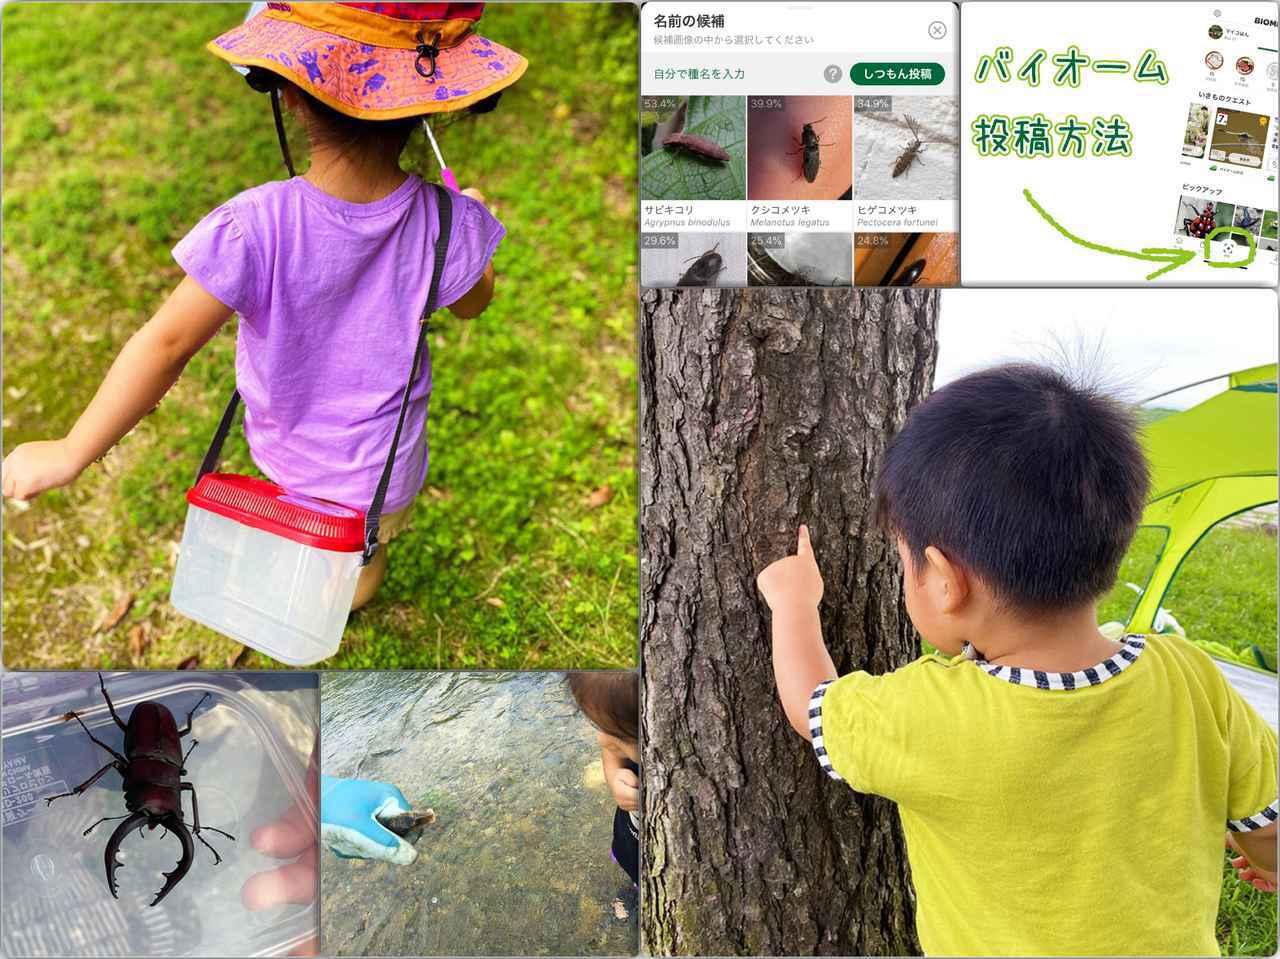 画像: 親子キャンプにおすすめのアプリ「Biome(バイオーム)」!昆虫採集・動植物観察の楽しみが倍増 - ハピキャン(HAPPY CAMPER)